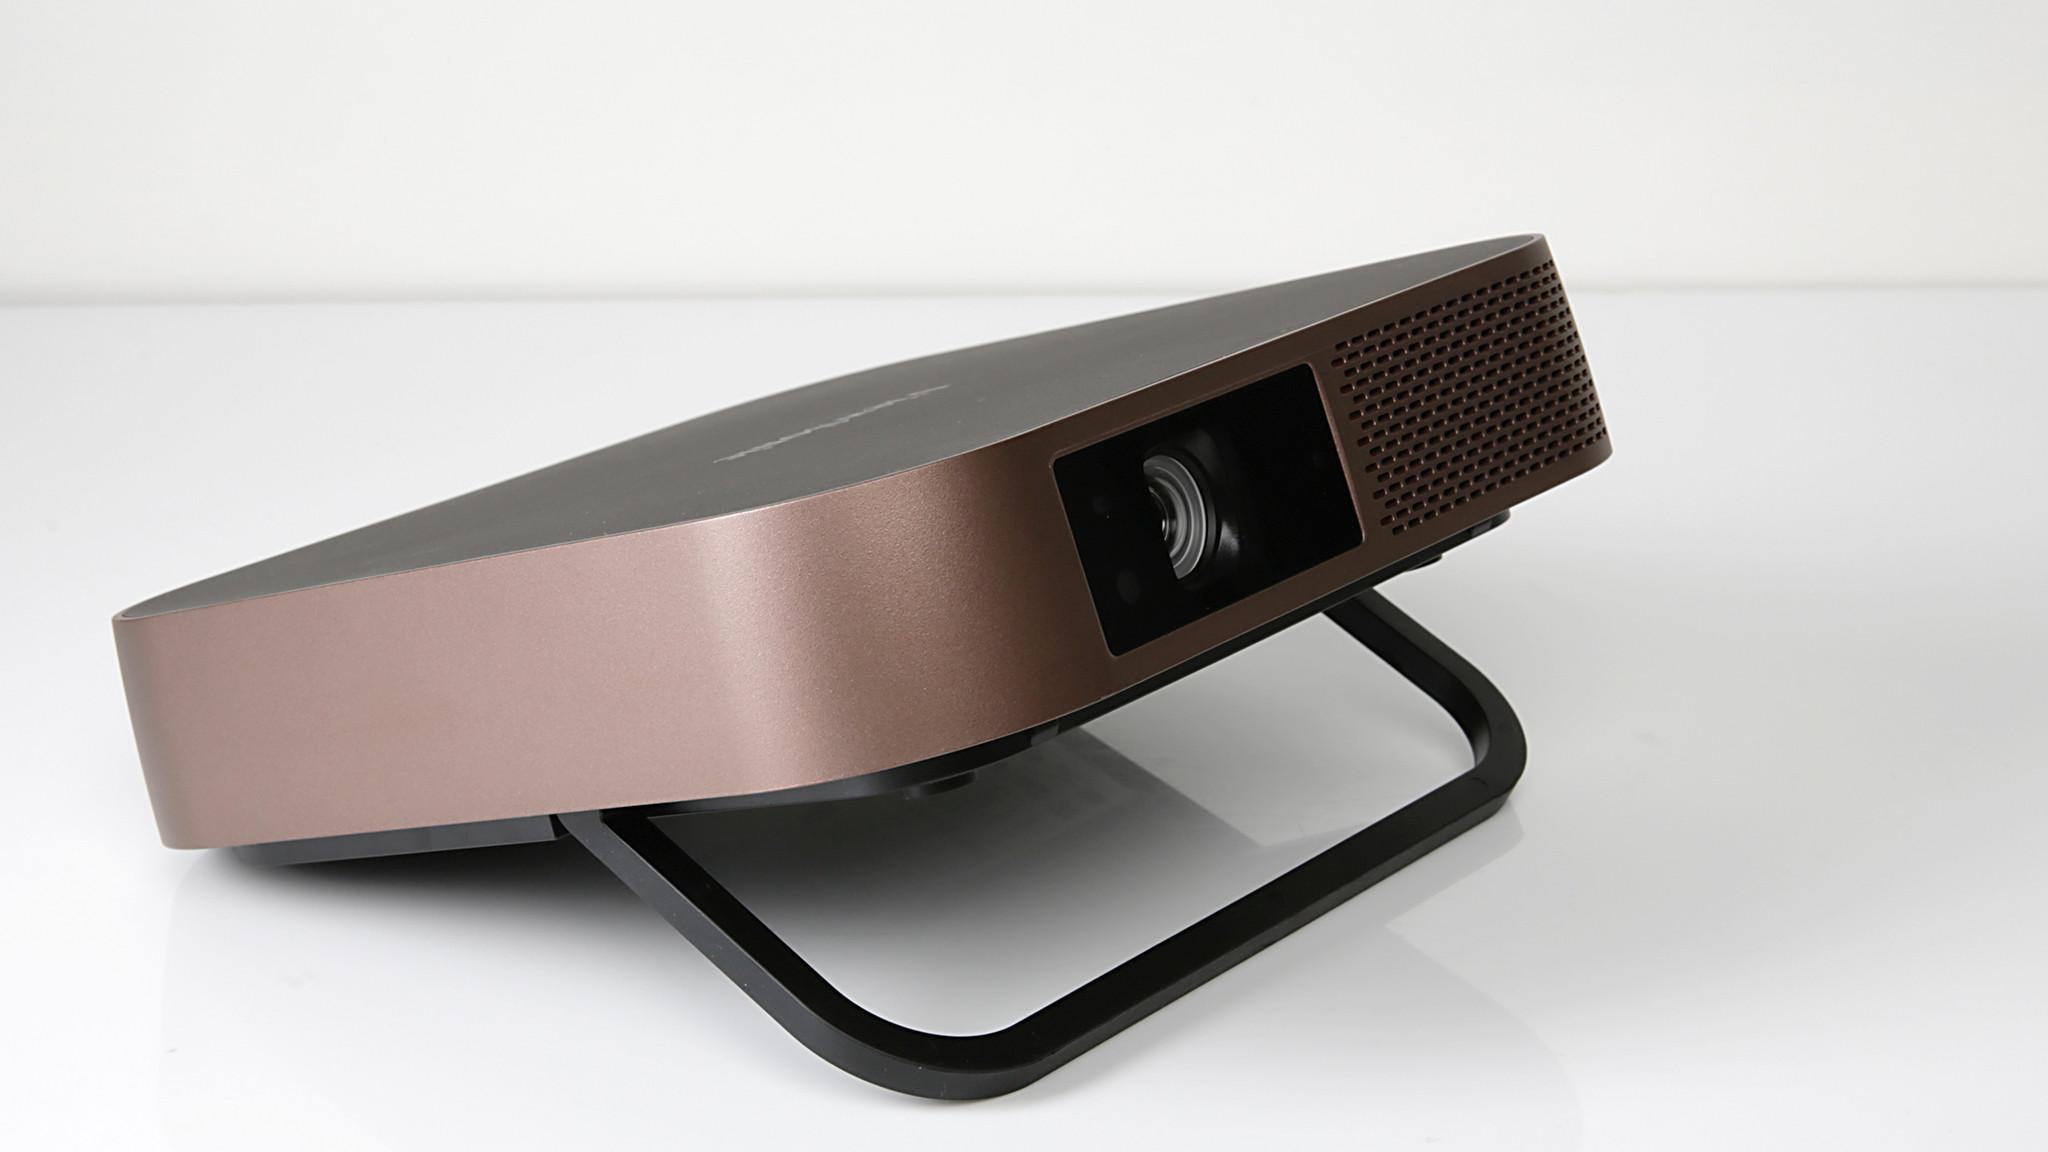 Beamer-Test Viewsonic M2: Das Universaltalent unter den Projektoren Viewsonic M2 im Test: Mit 22 Zentimetern Kantenlänge fällt der Beamer erfreulich kompakt aus, seine LED-Projektionslampe soll 30.000 Betriebsstunden halten.©COMPUTER BILD